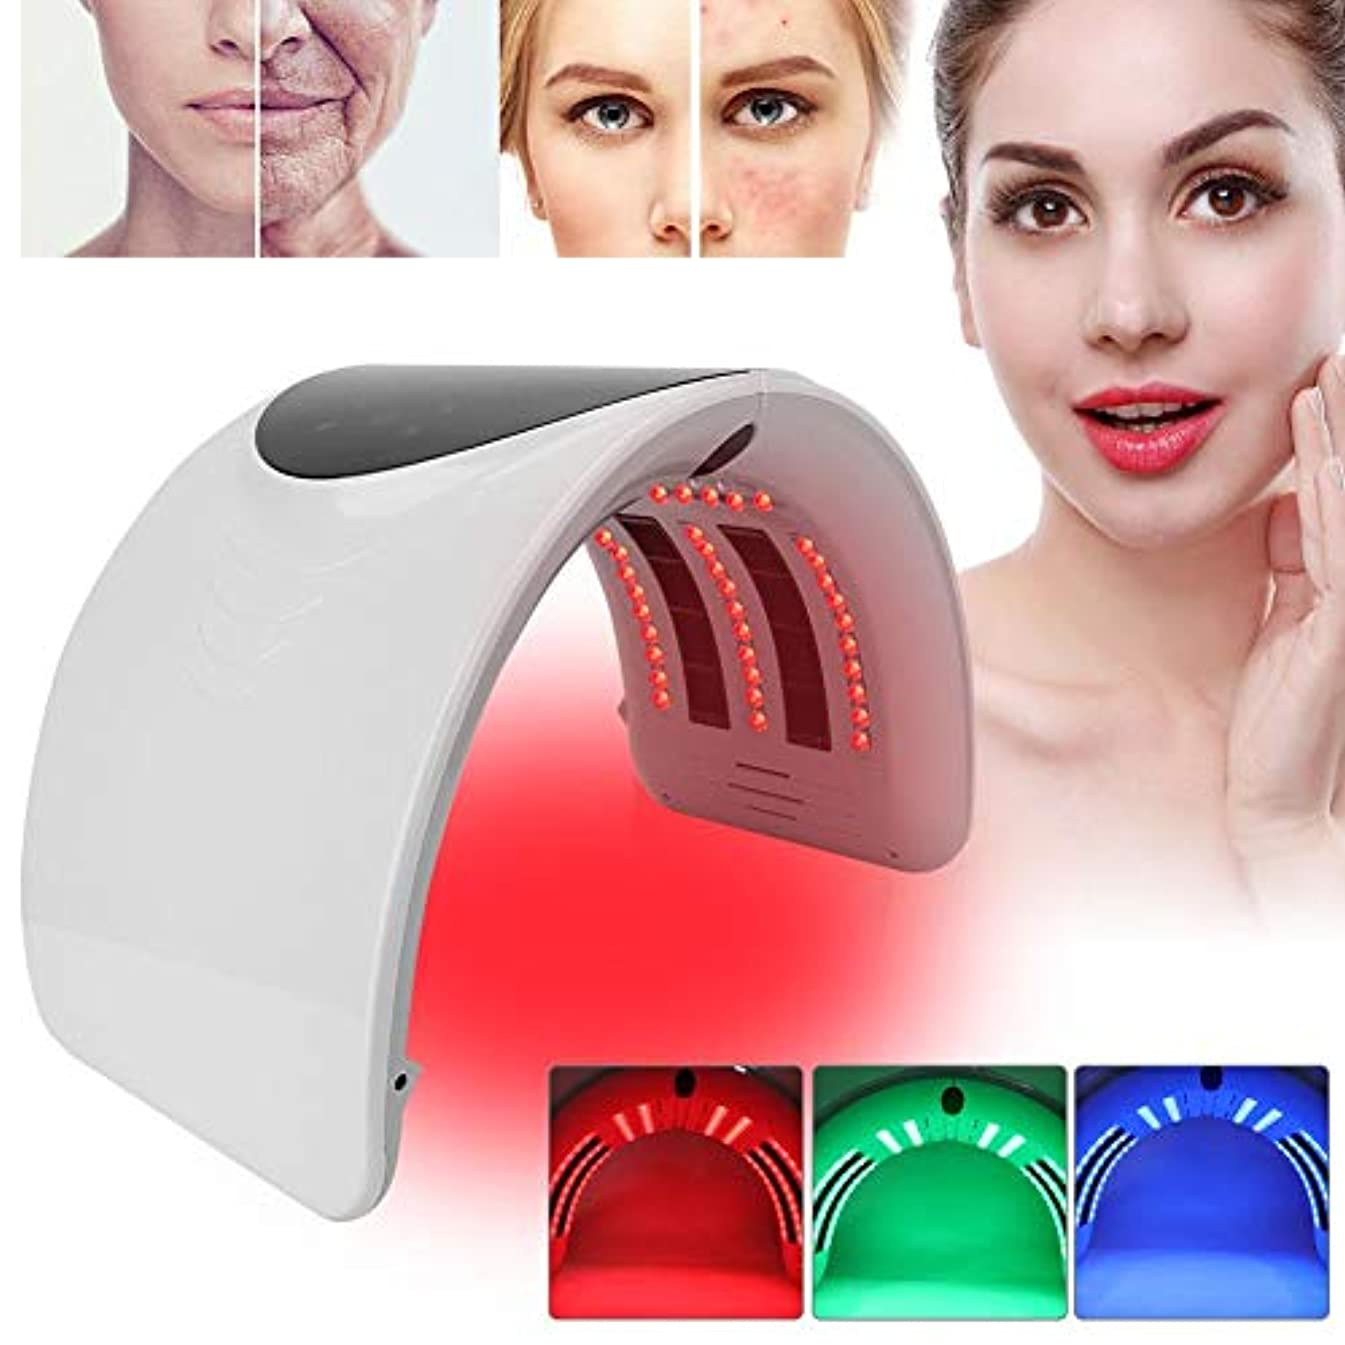 受けるテレビを見る気づくPDTの軽い療法の美顔術機械、6色の新しい折り畳み式アクネの取り外しのスキンケアの処置機械(01)